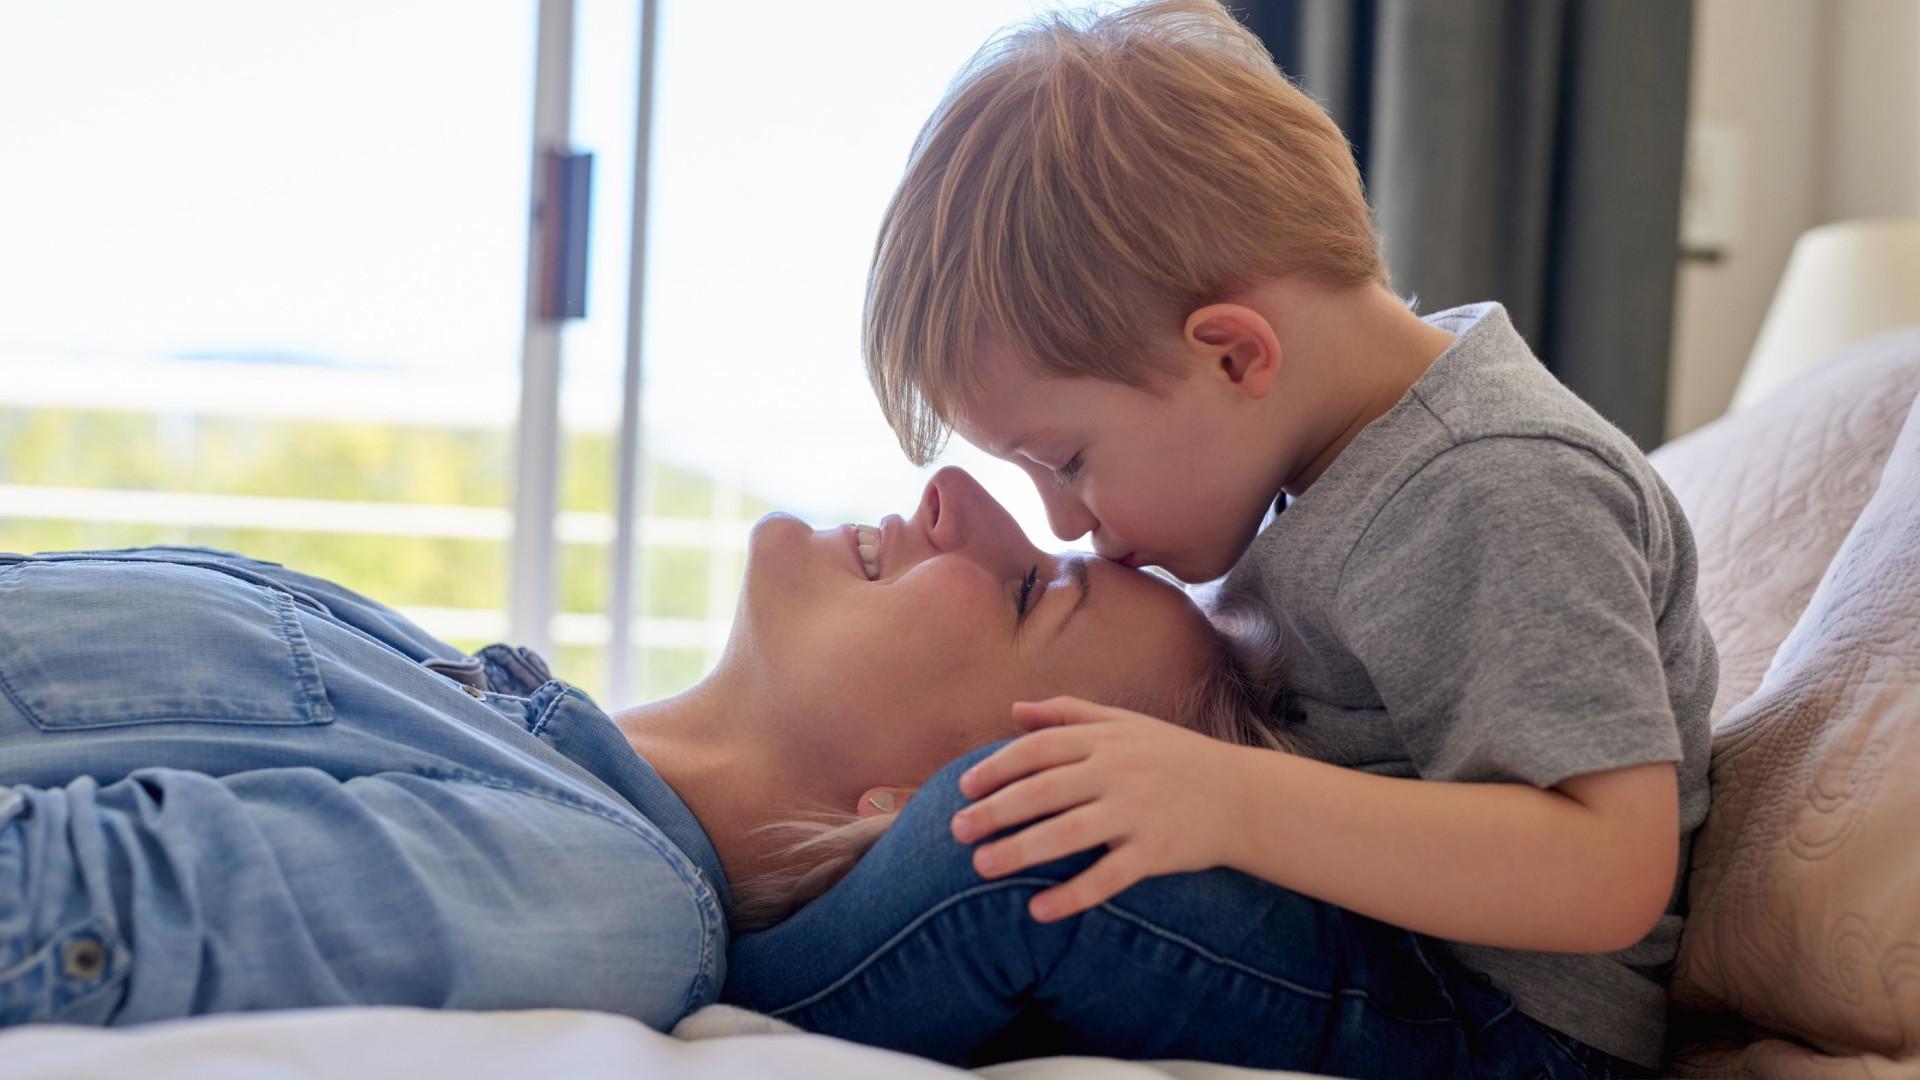 'Meninos da mamã' mais resilientes e aptos para enfrentar problemas